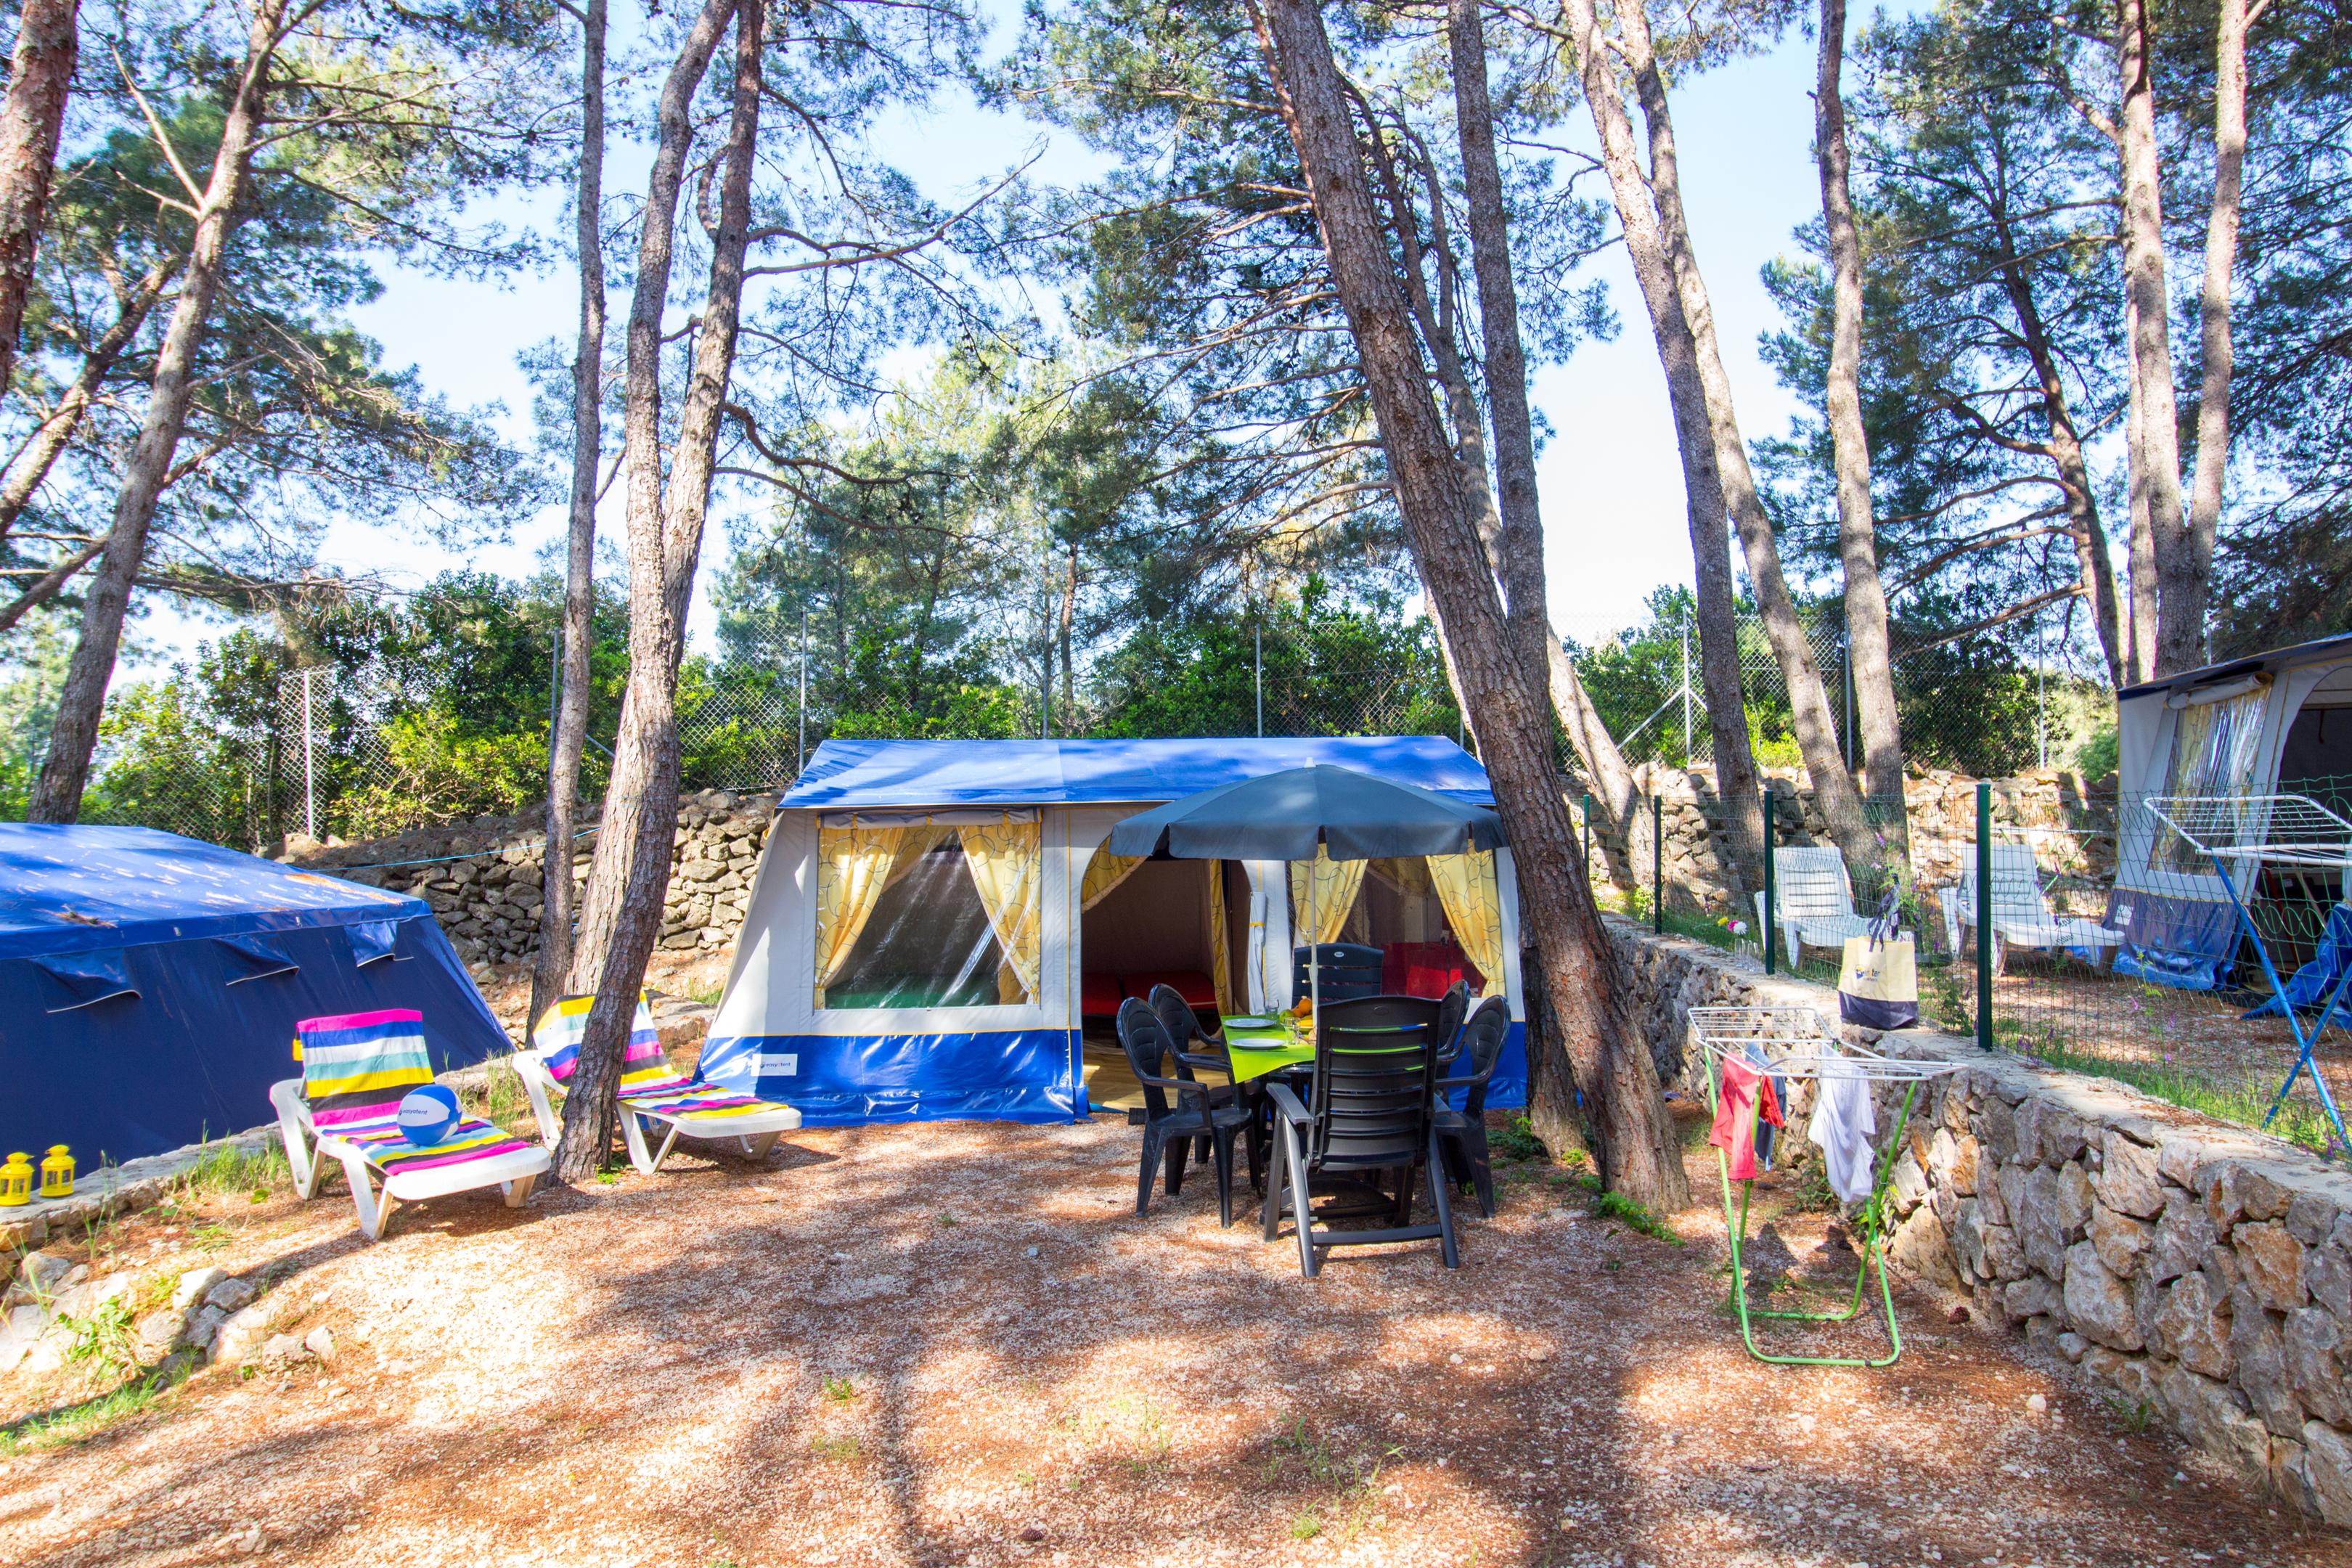 Voordelig Kamperen met Easy a Tent! Kampeervakantie Kroatië